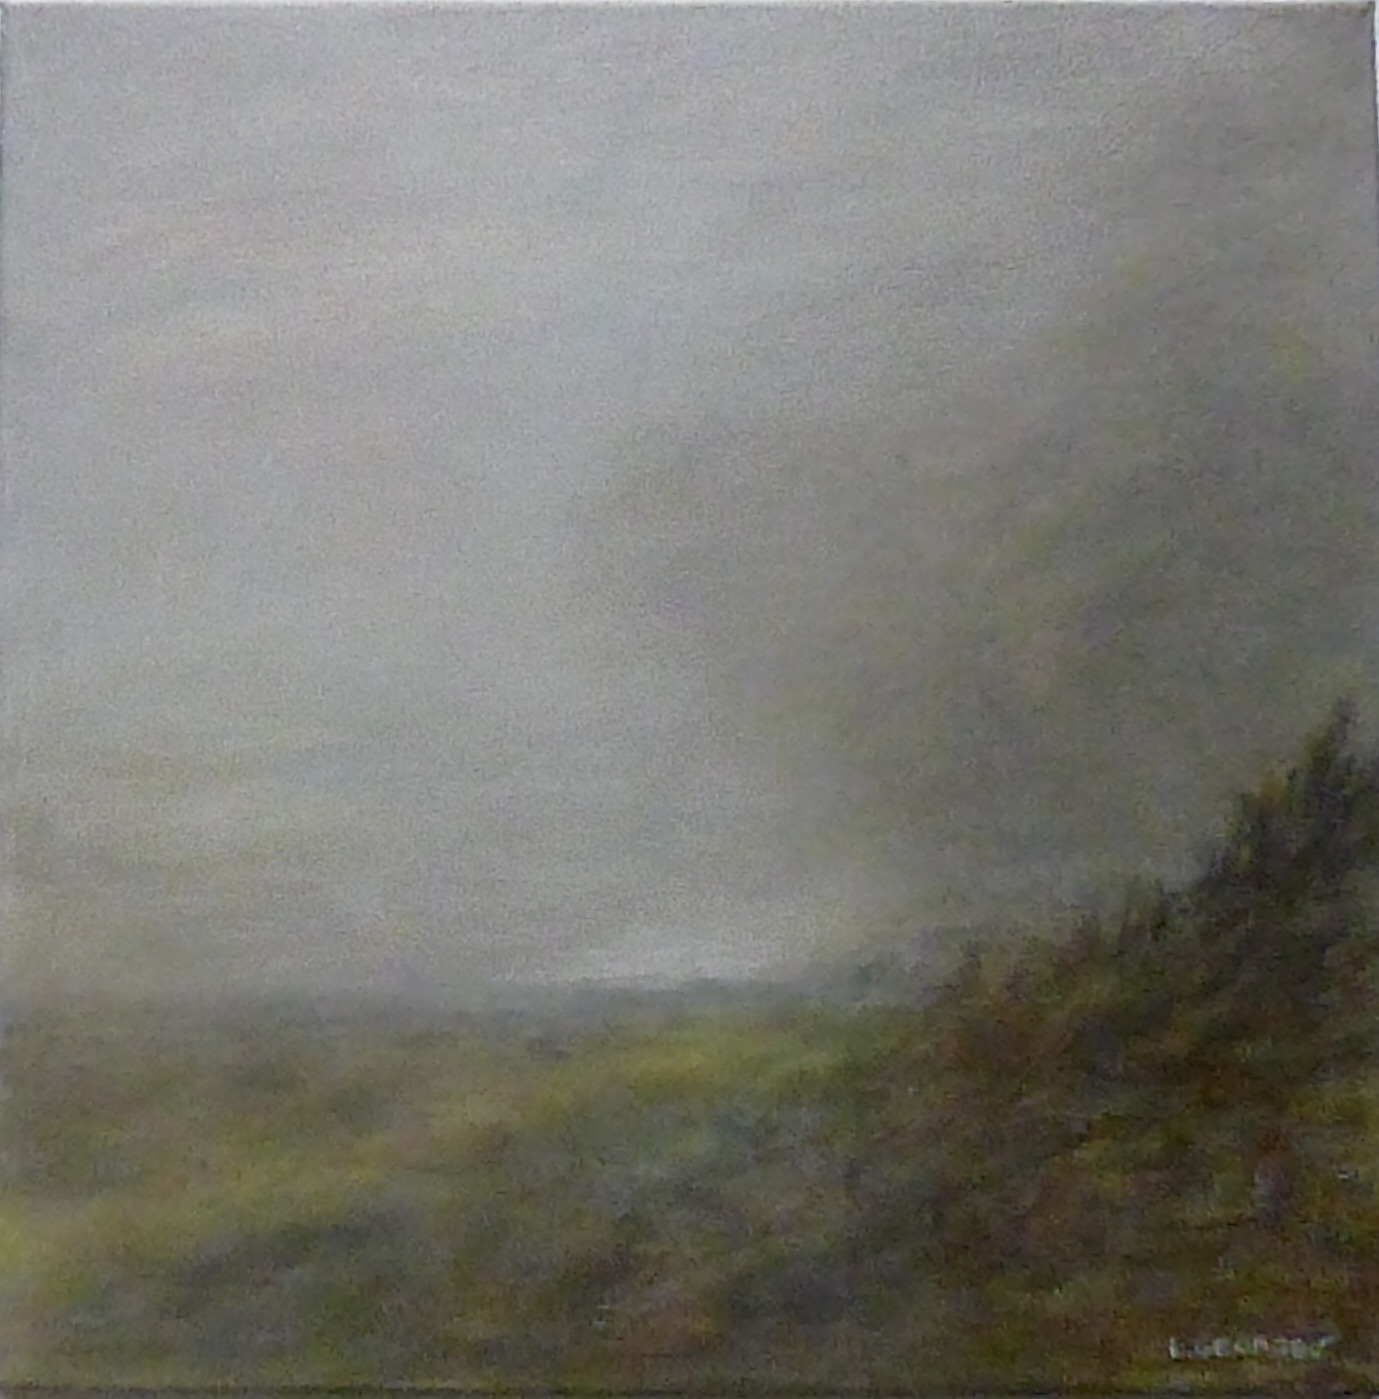 LUEUR, acrylique sur toile, 40x40 cm